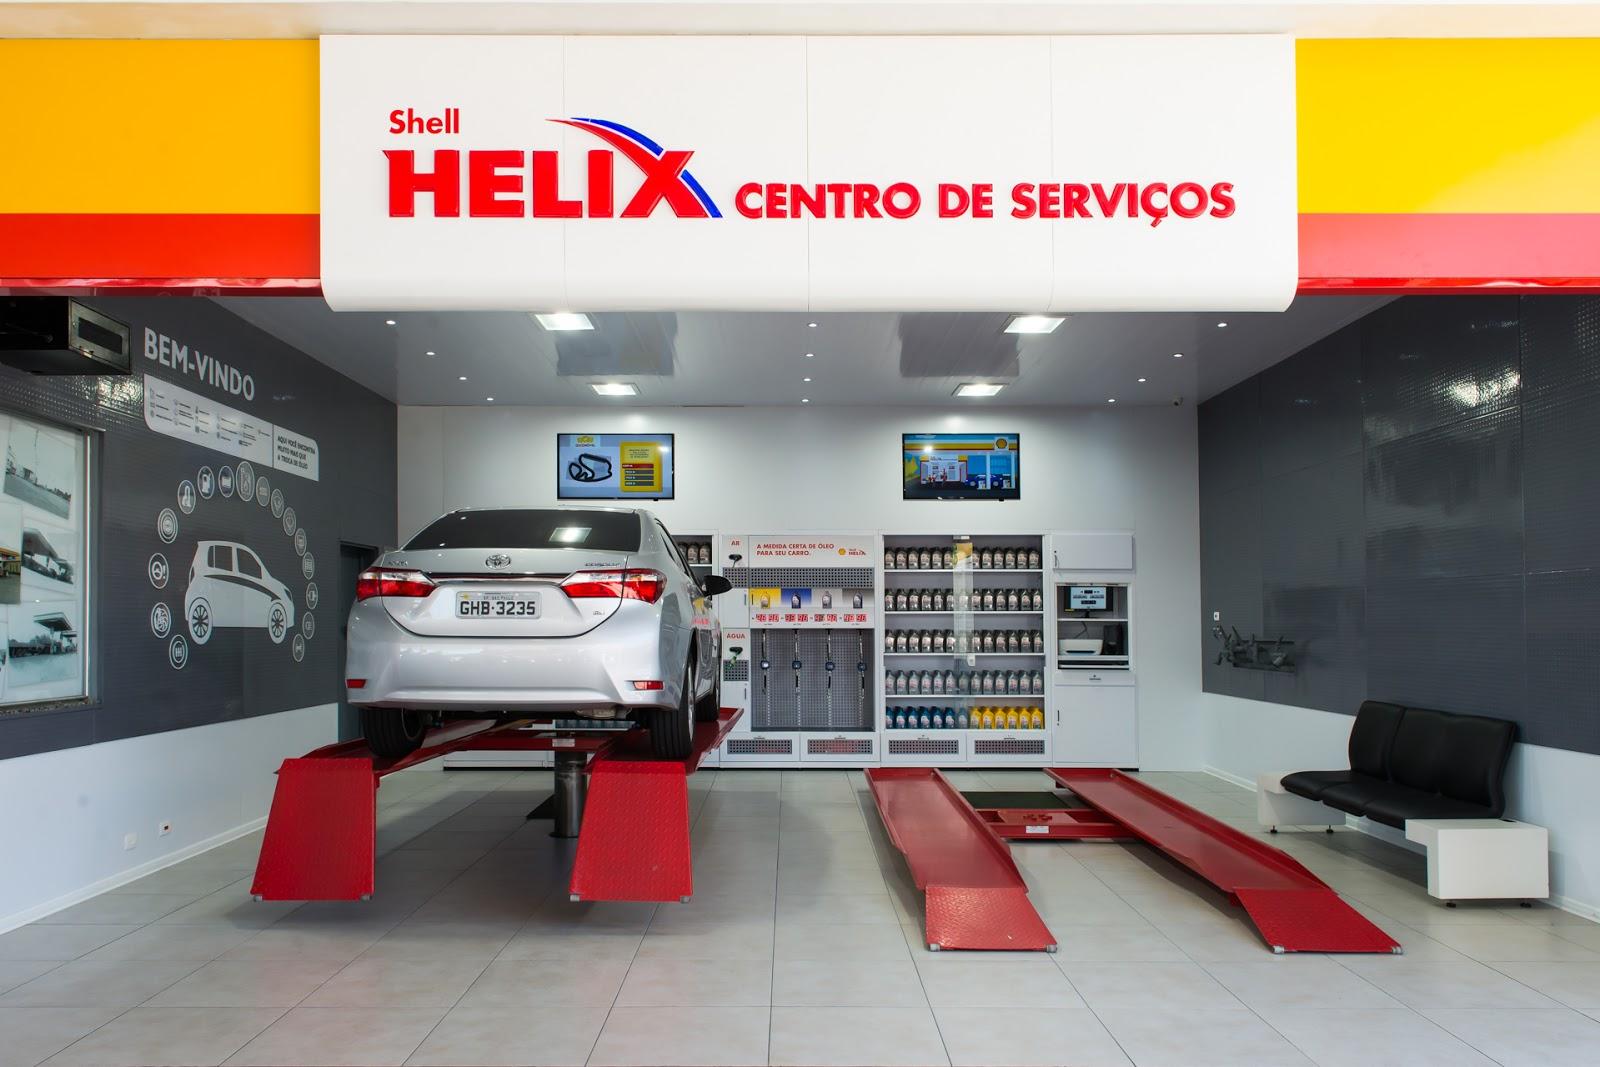 50d8c4471158f Shell abrirá 250 franquias de serviço automotivo em postos de gasolina